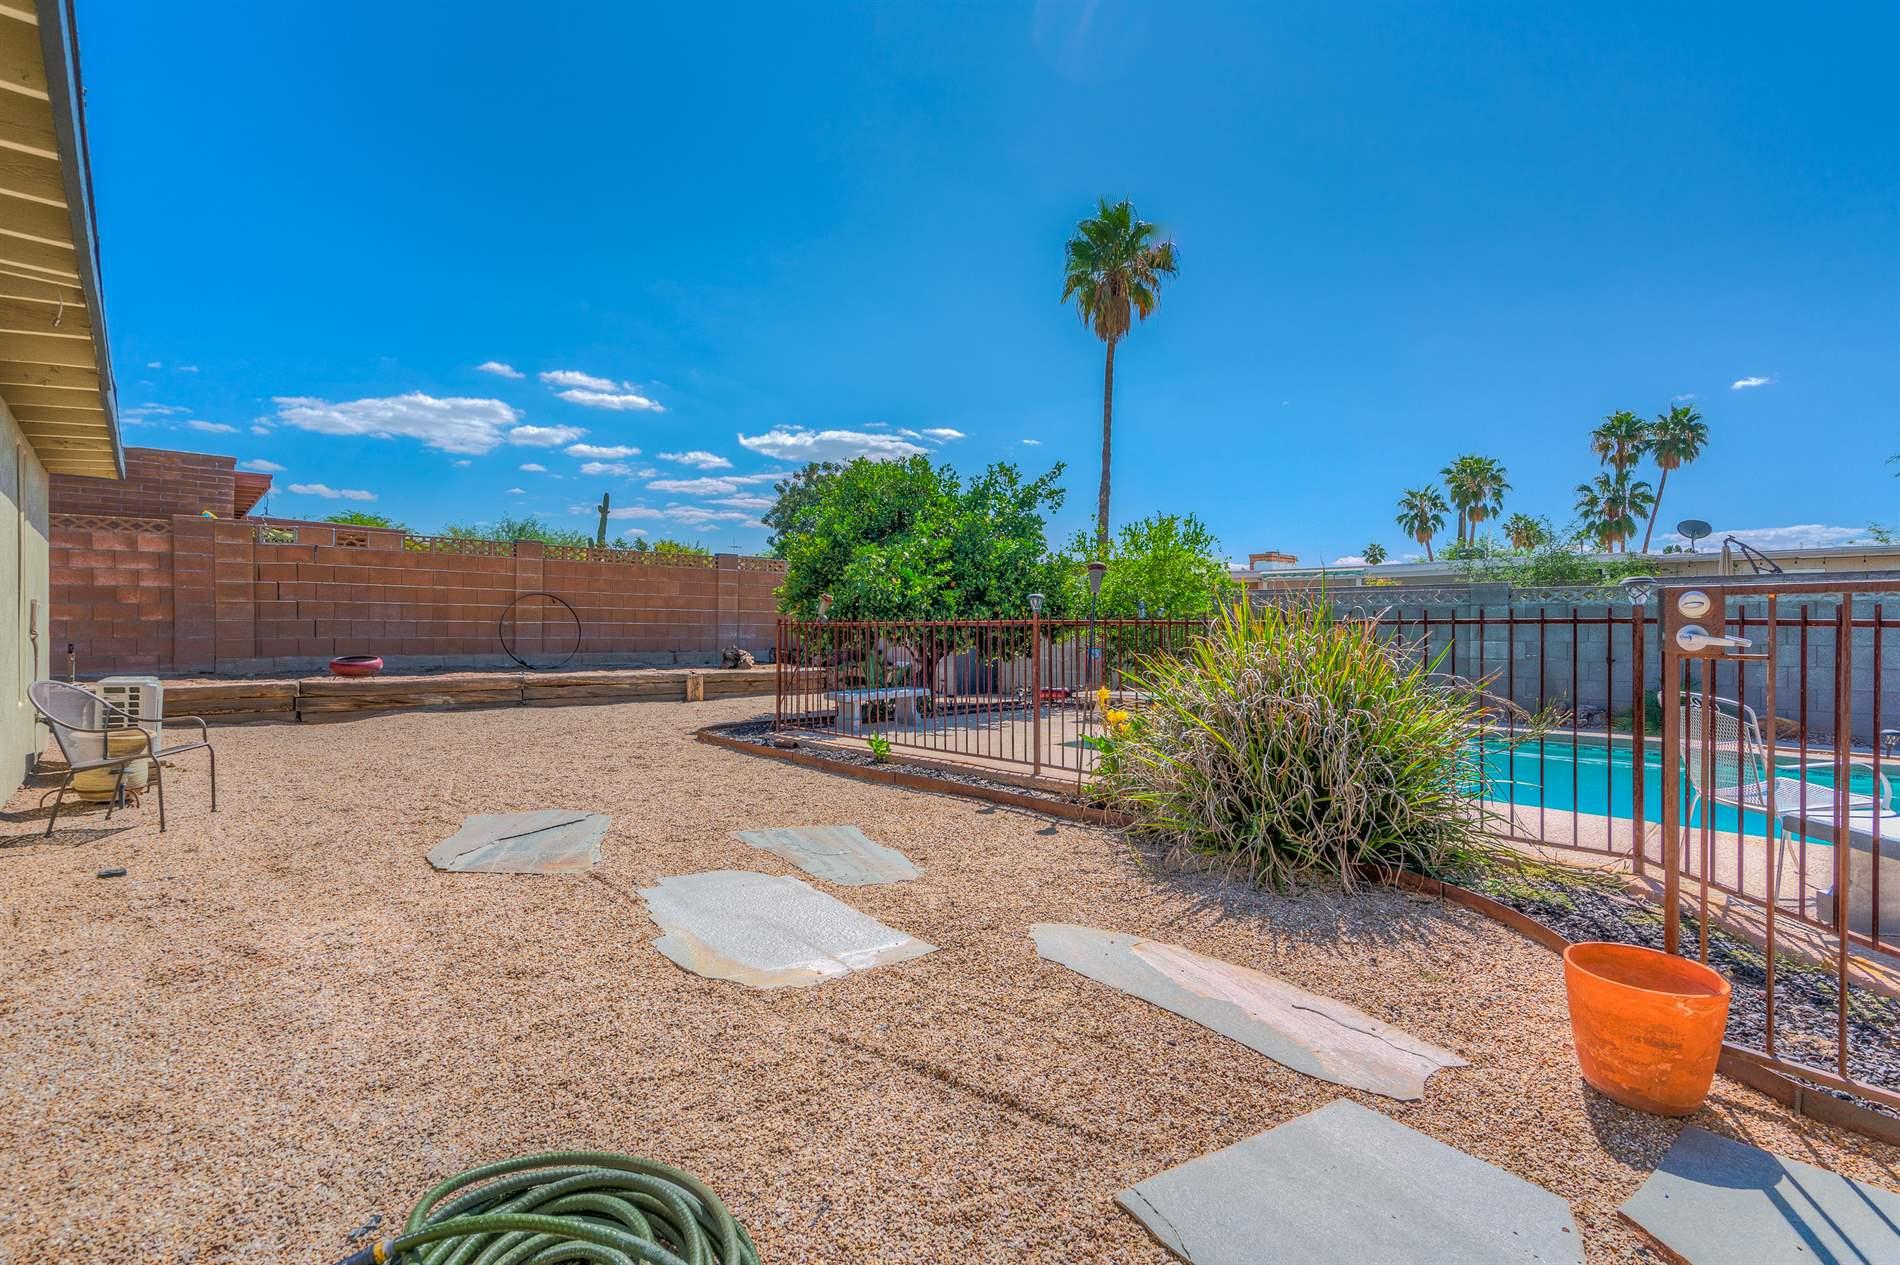 9230 E 6th St, Tucson, AZ 85710